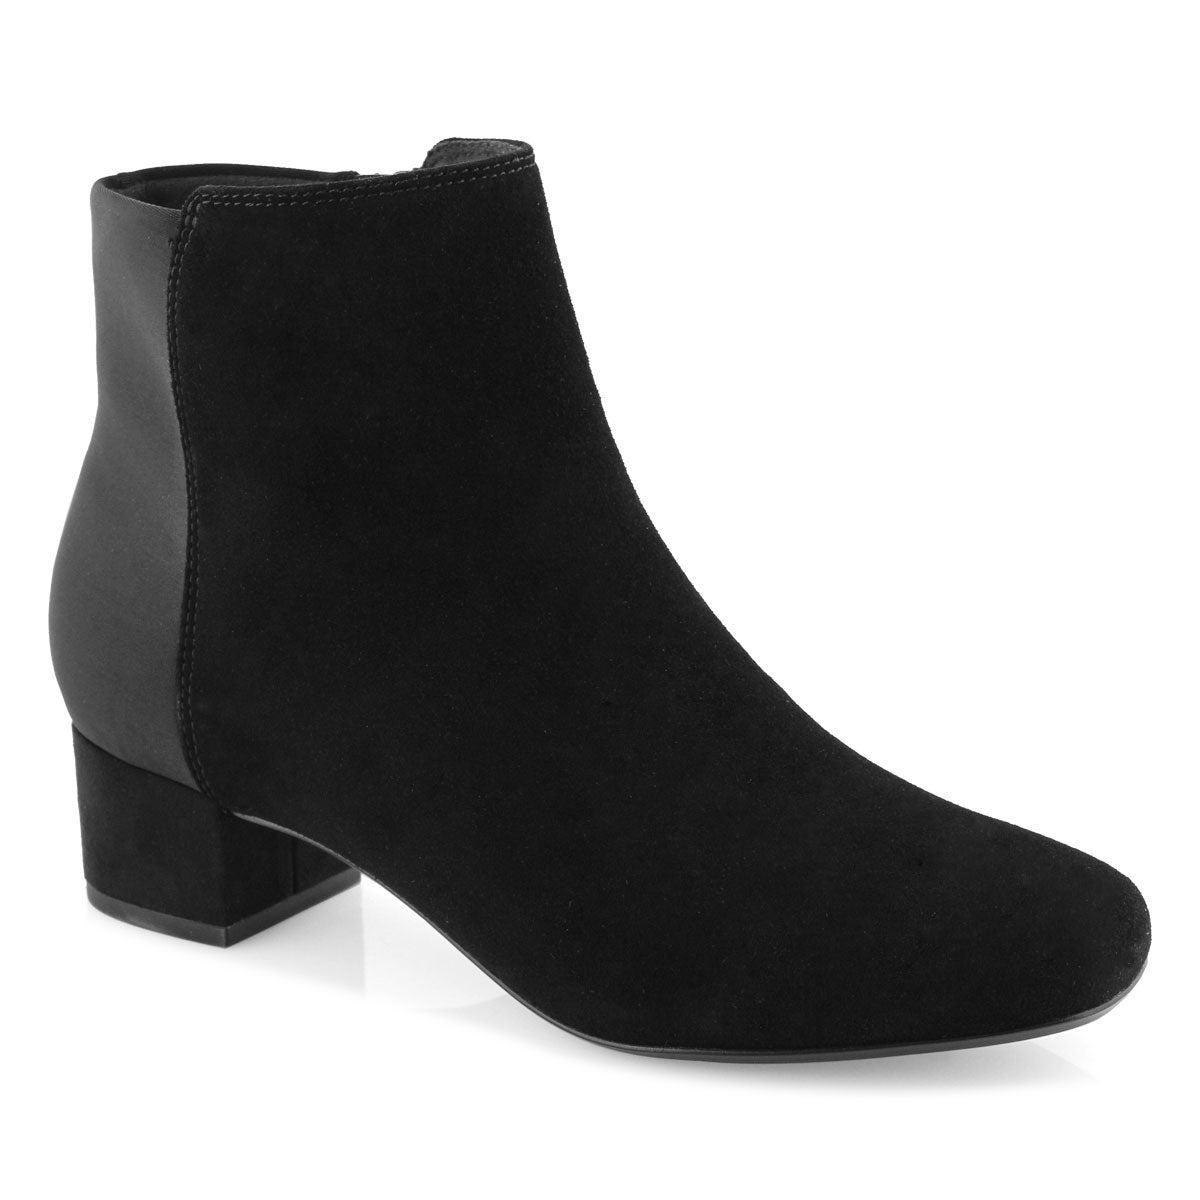 Women's Chartli Valley Suede Boot - Black